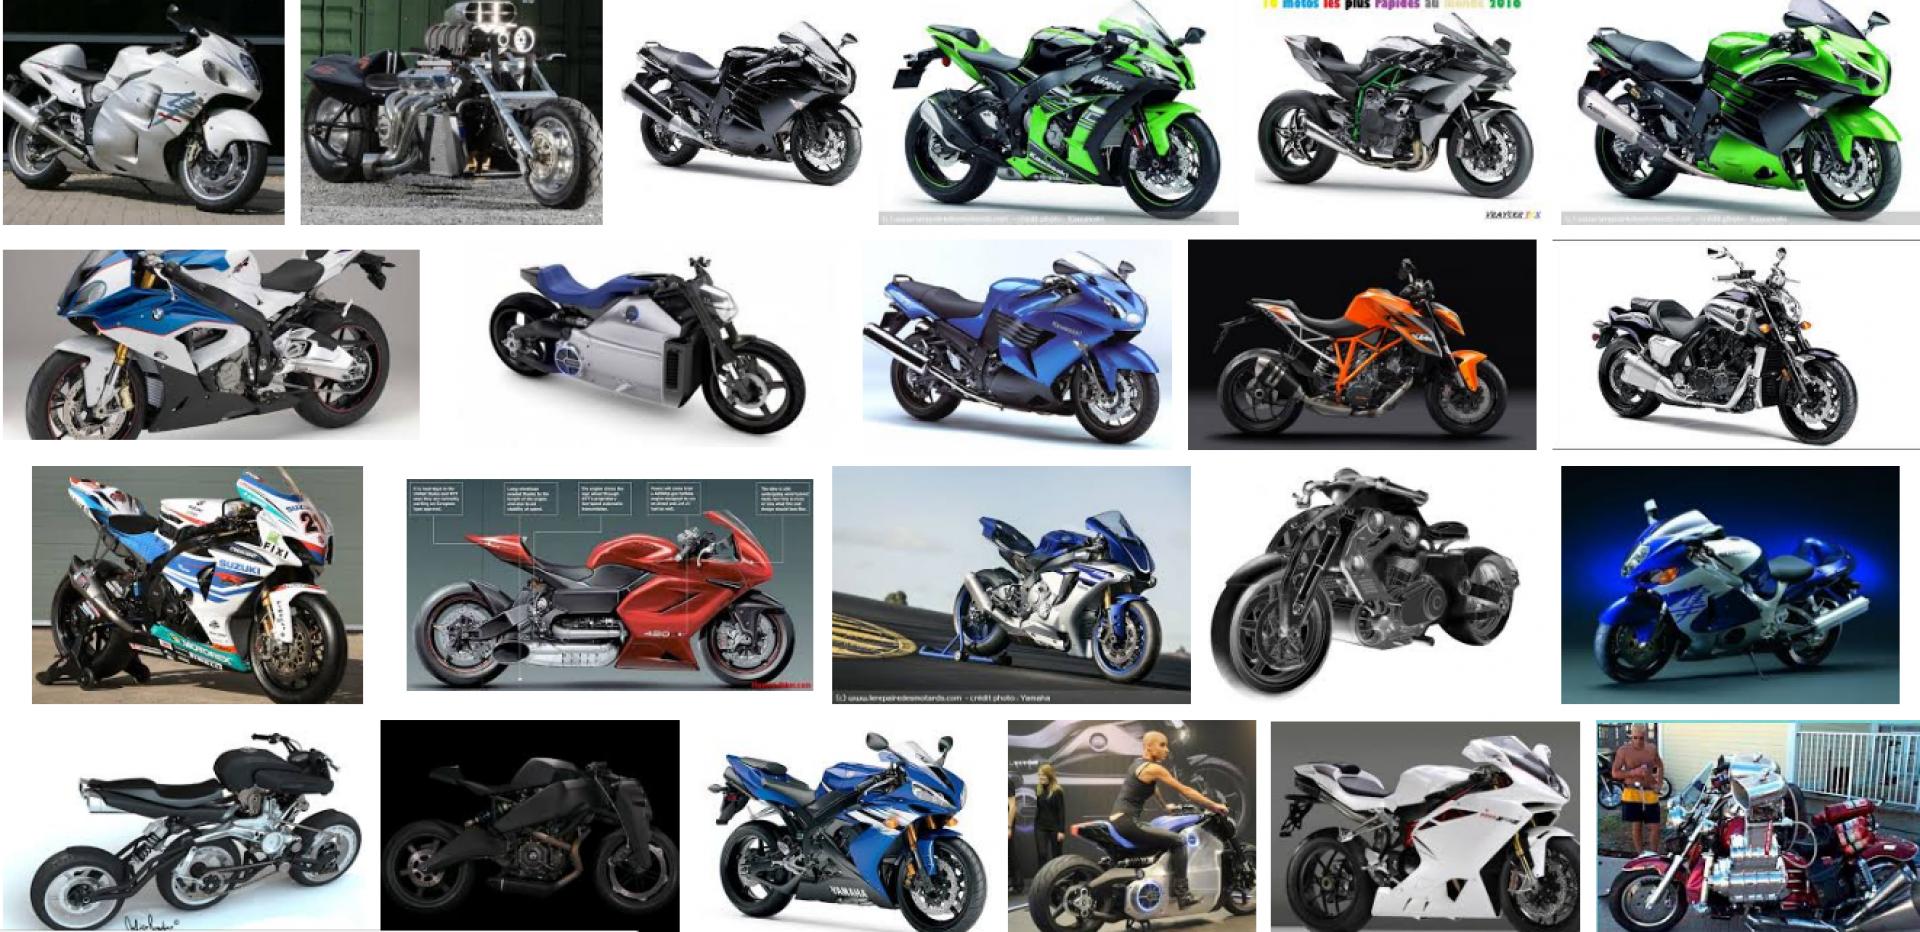 Connaissez vous les motos les plus puissantes ?